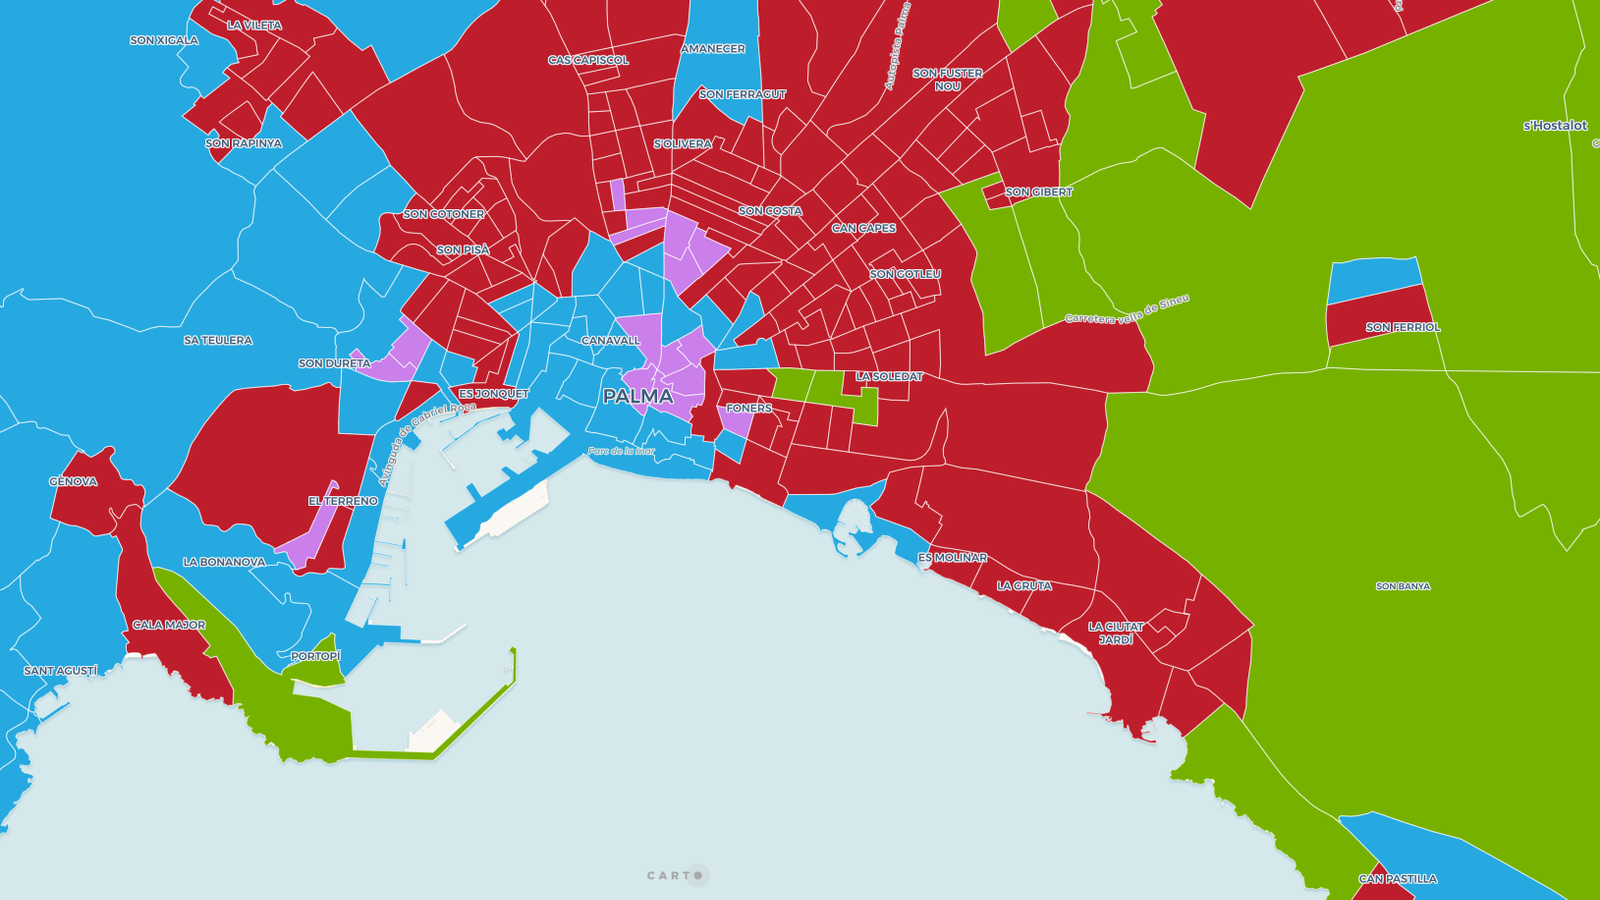 Captura de pantalla del mapa dels resultats electorals del 10-N per seccions censals